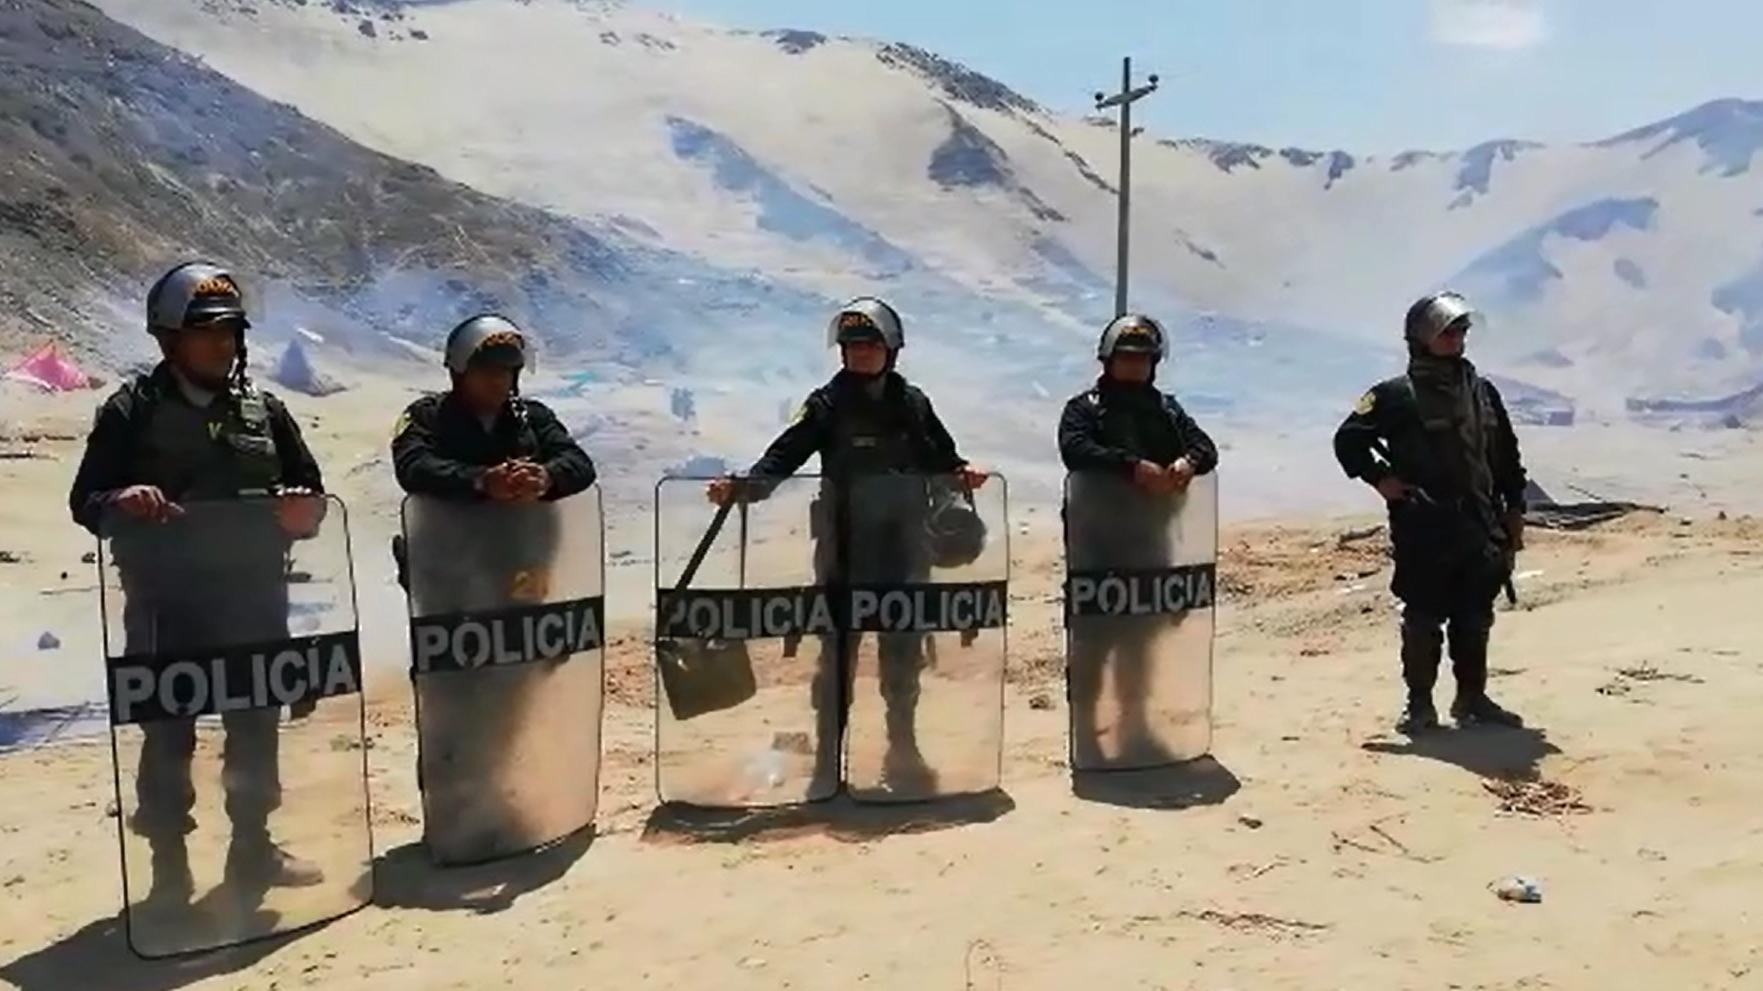 La Policía se encuentra en proceso de identificación de los invasores y hay varios detenidos, informó el general PNP Oscar Gonzales.